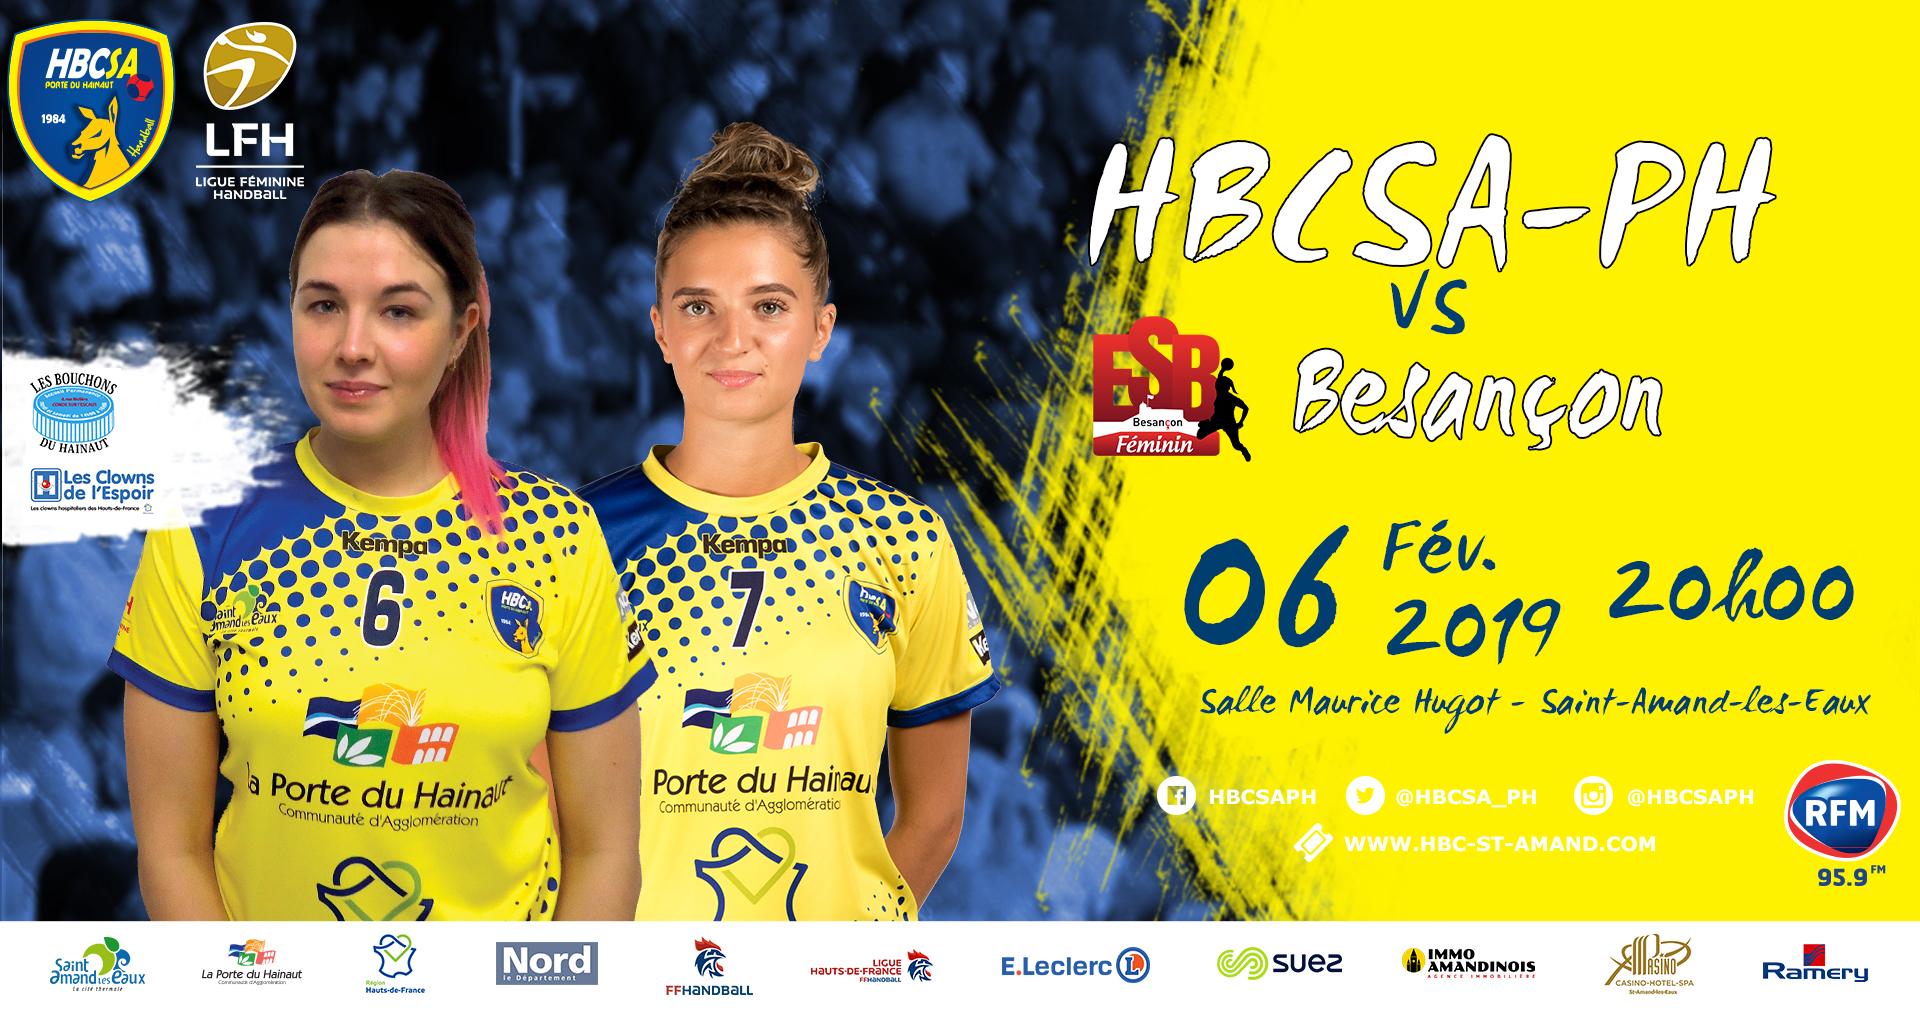 """""""HBCSA-PH vs Besançon"""" soutient deux associations !"""